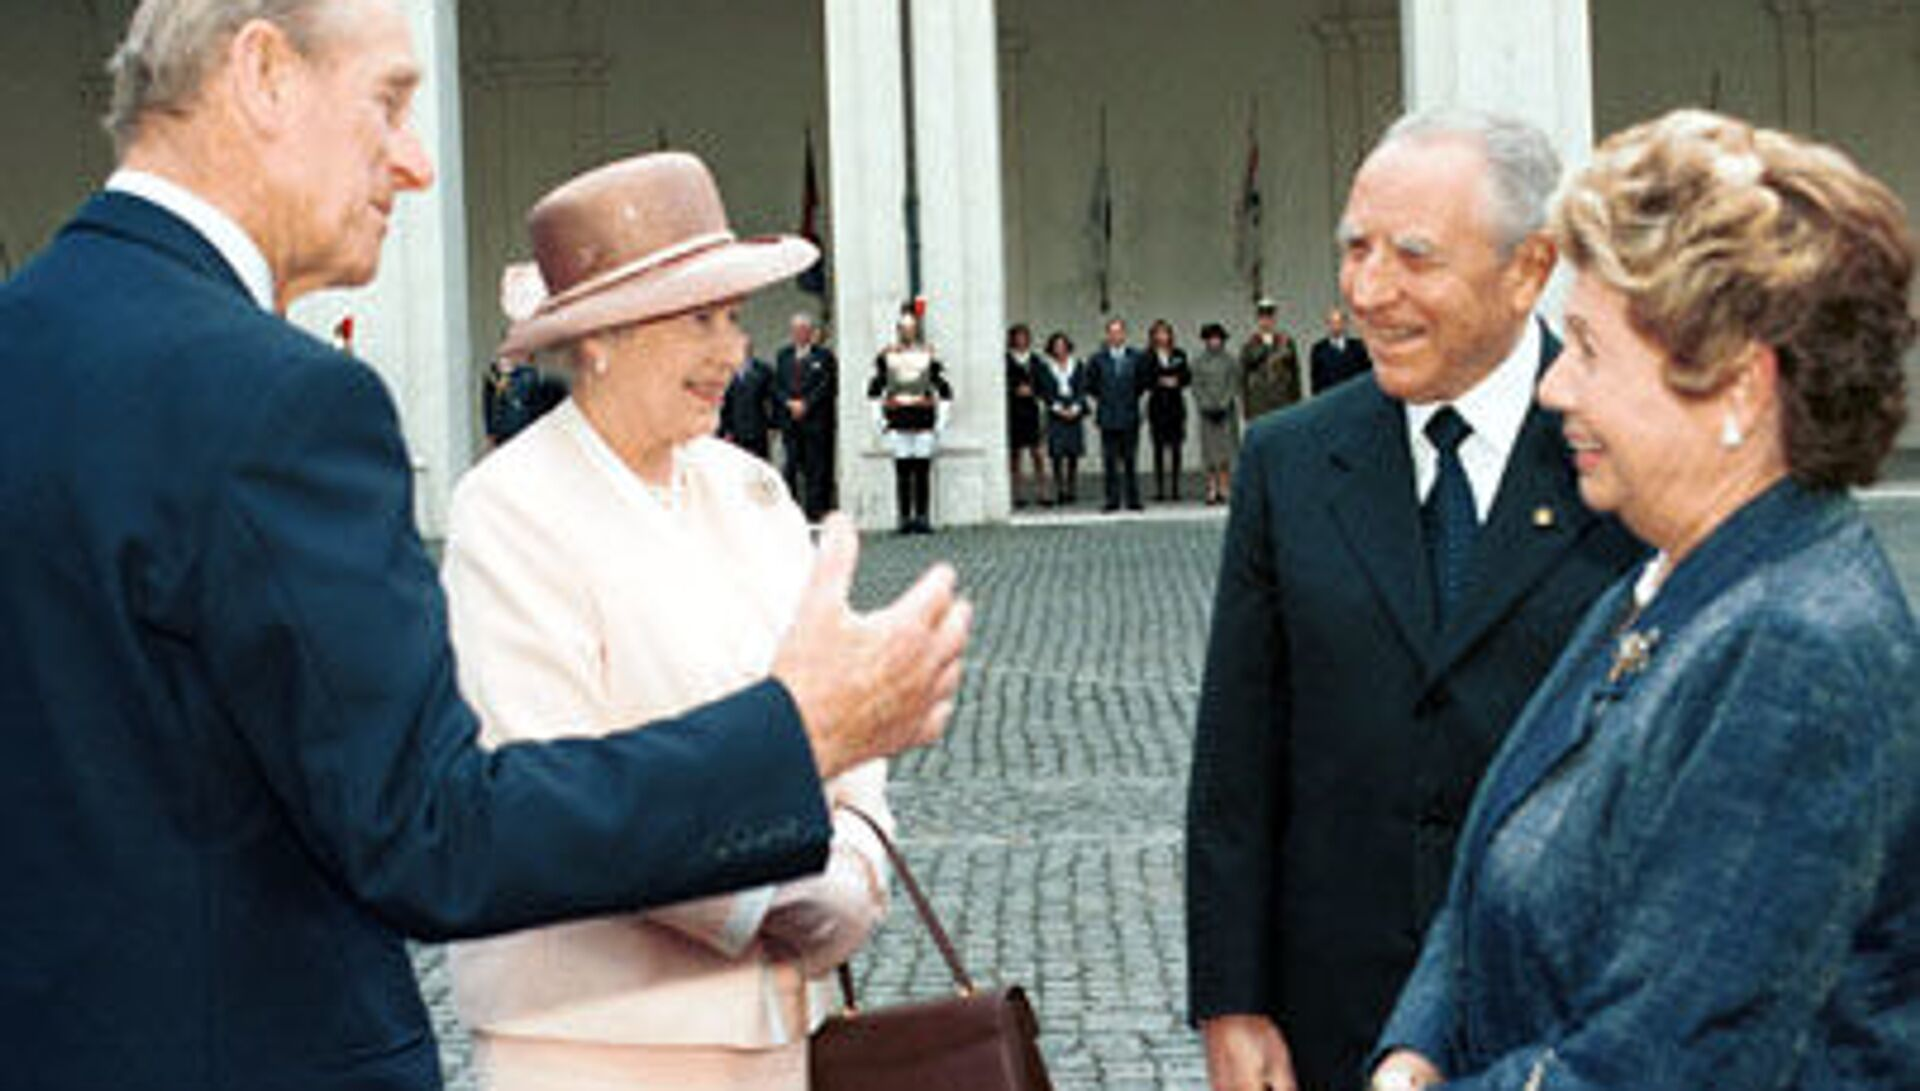 La Regina Elisabetta II e il Principe Filippo con Carlo Azeglio Ciampi e la moglie Franca Pilla nel 2000 - Sputnik Italia, 1920, 19.04.2021